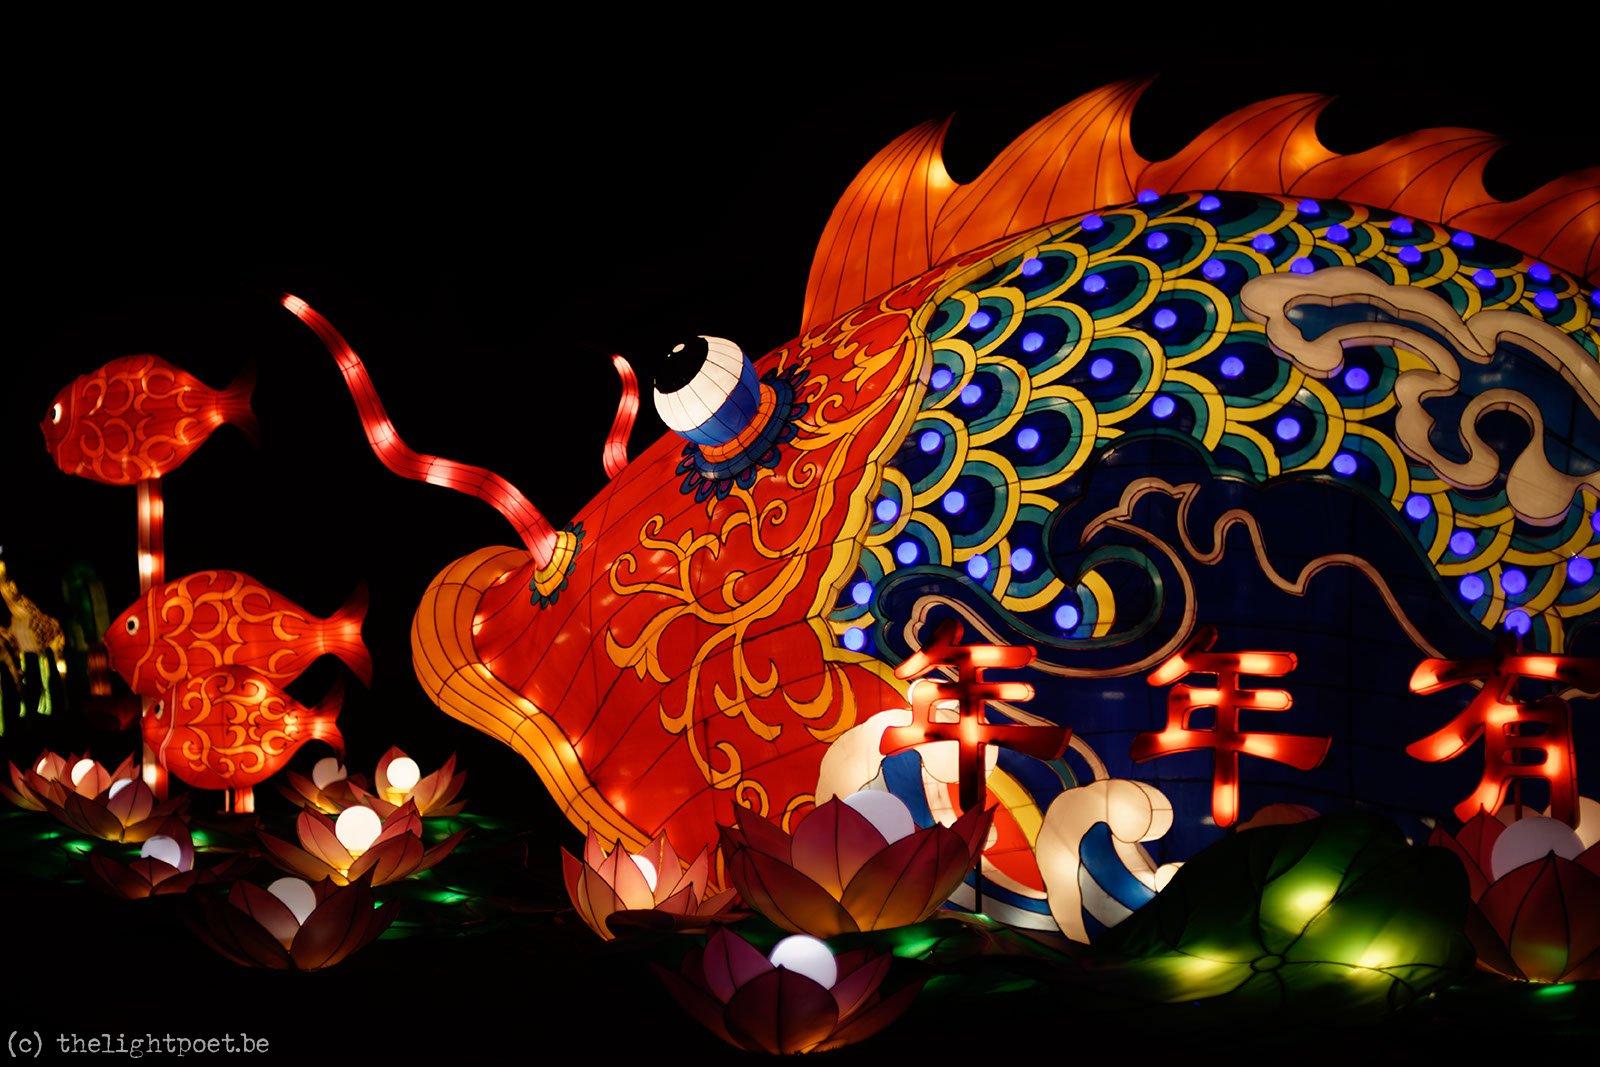 2014_12_ChinaLight_20141206_204737_DxO_v10